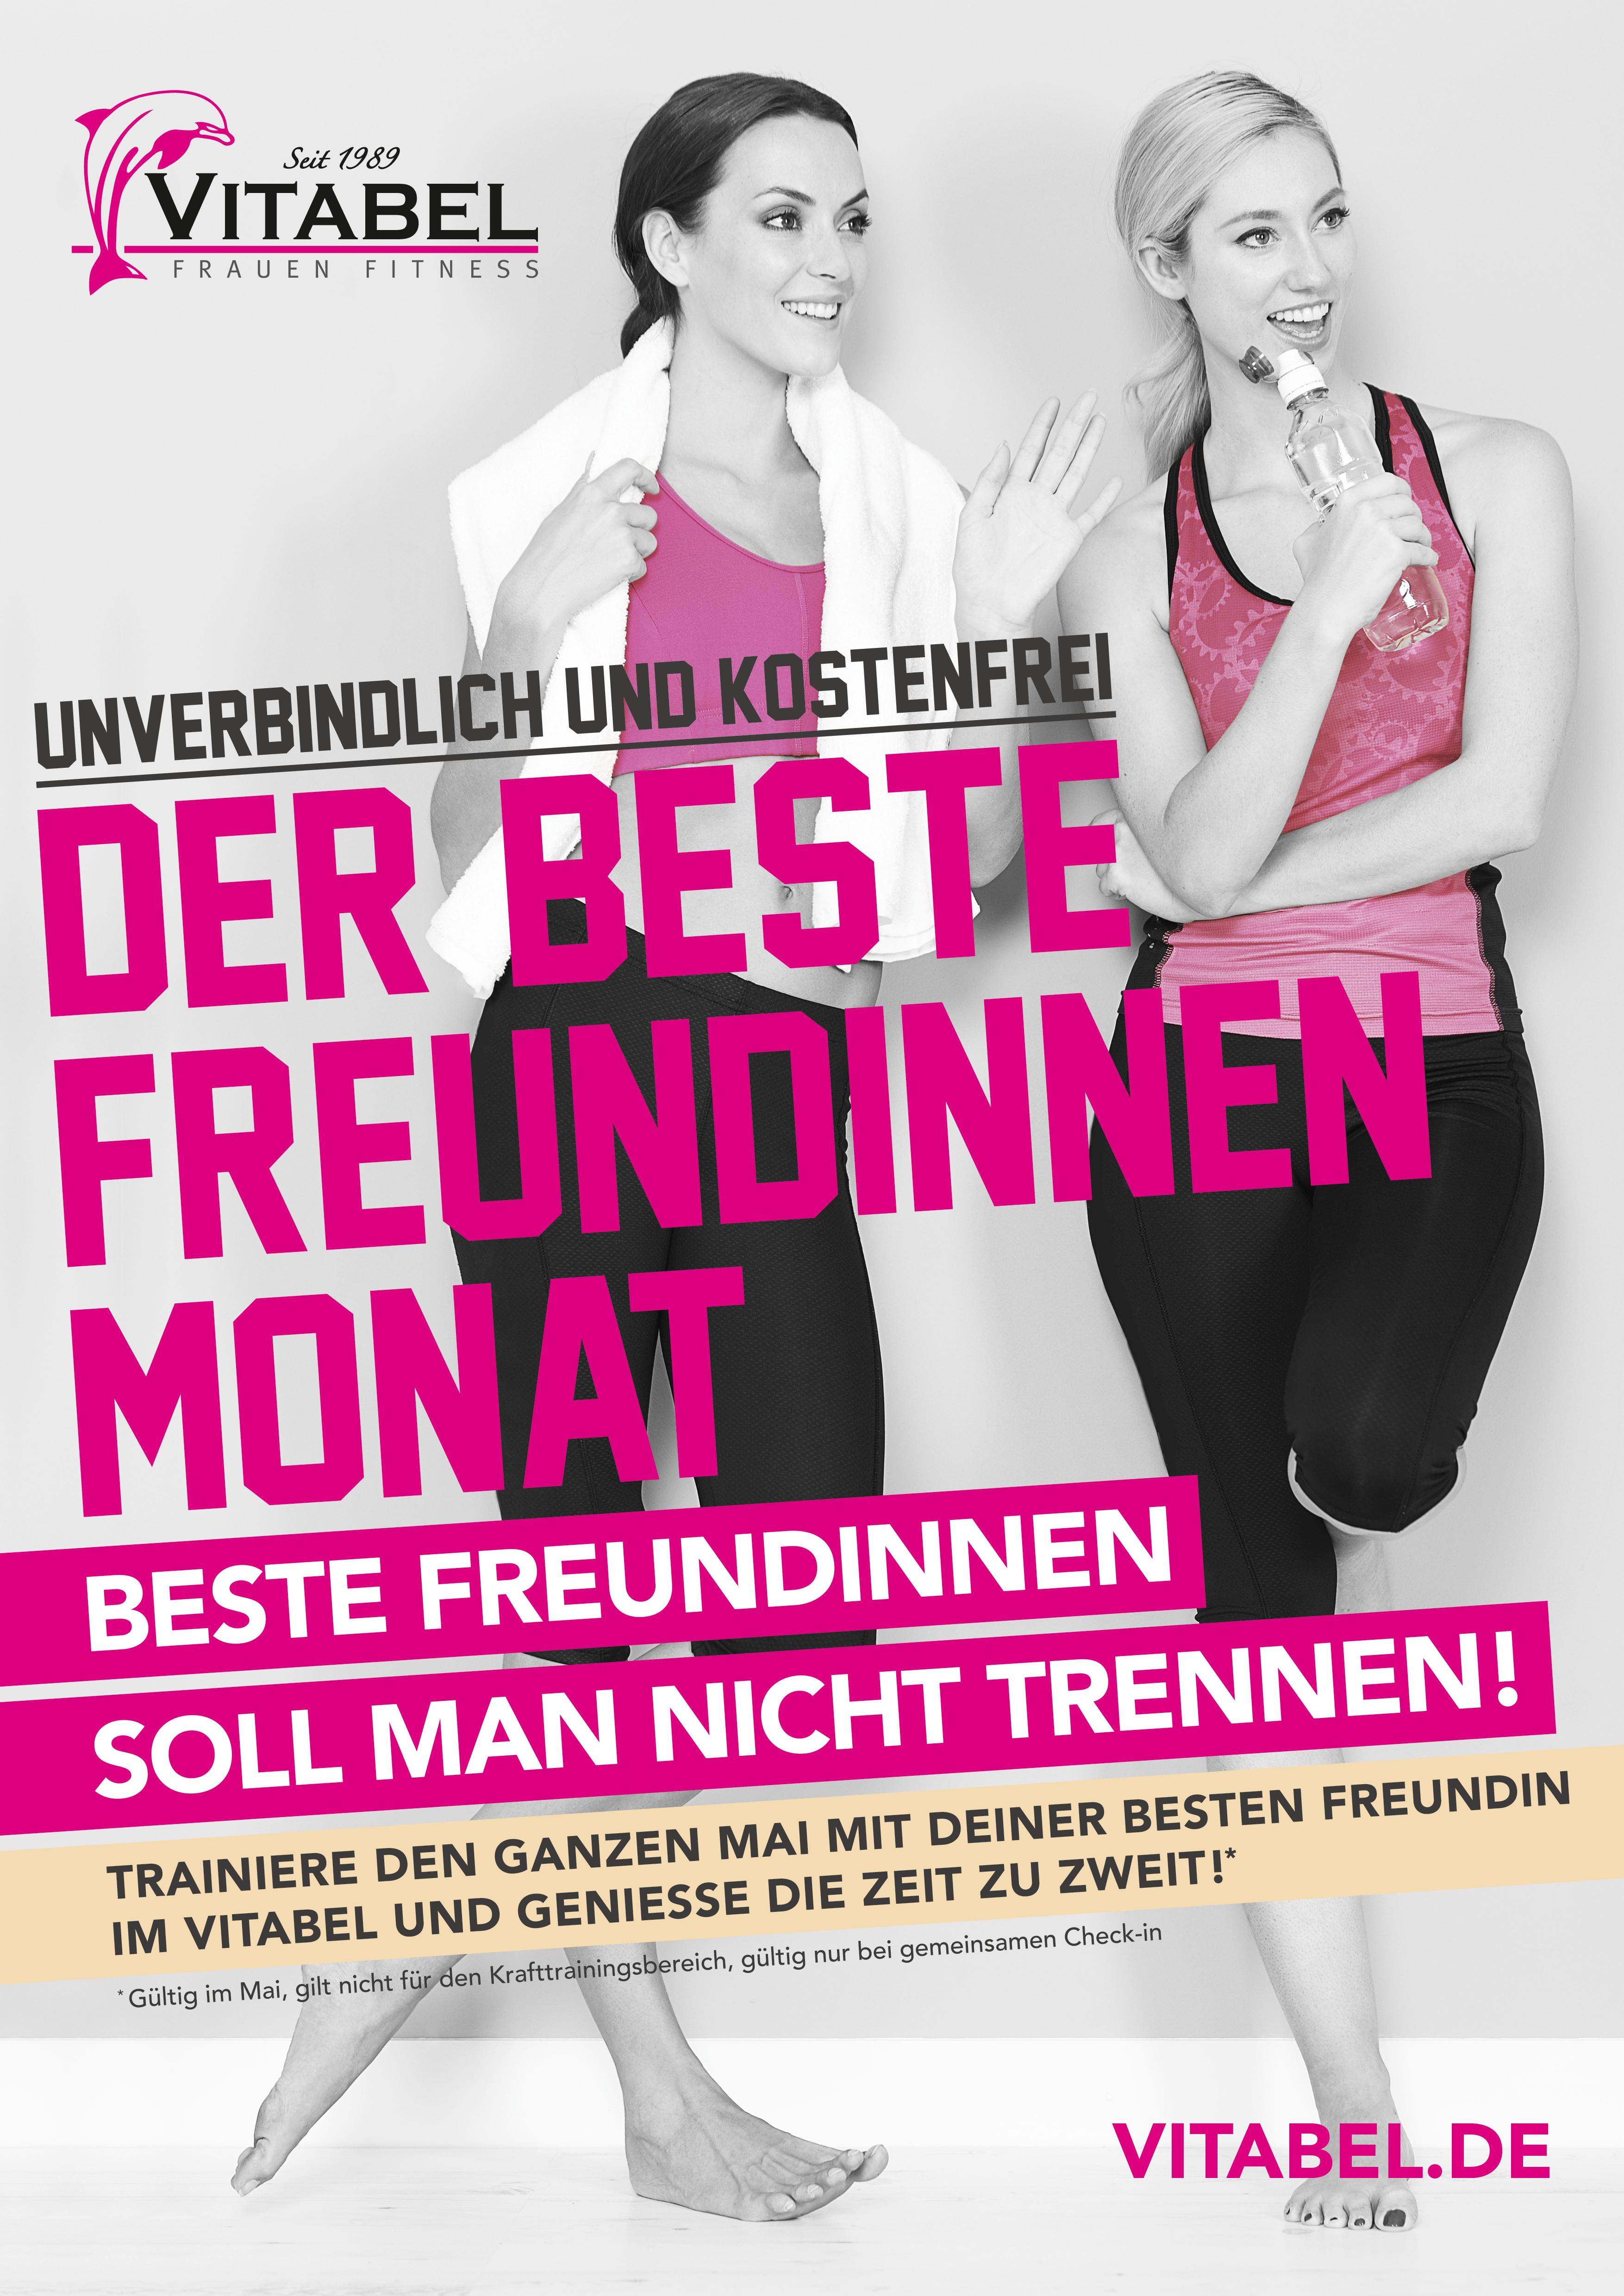 05_Beste Freundin Monat_A1_150dpi